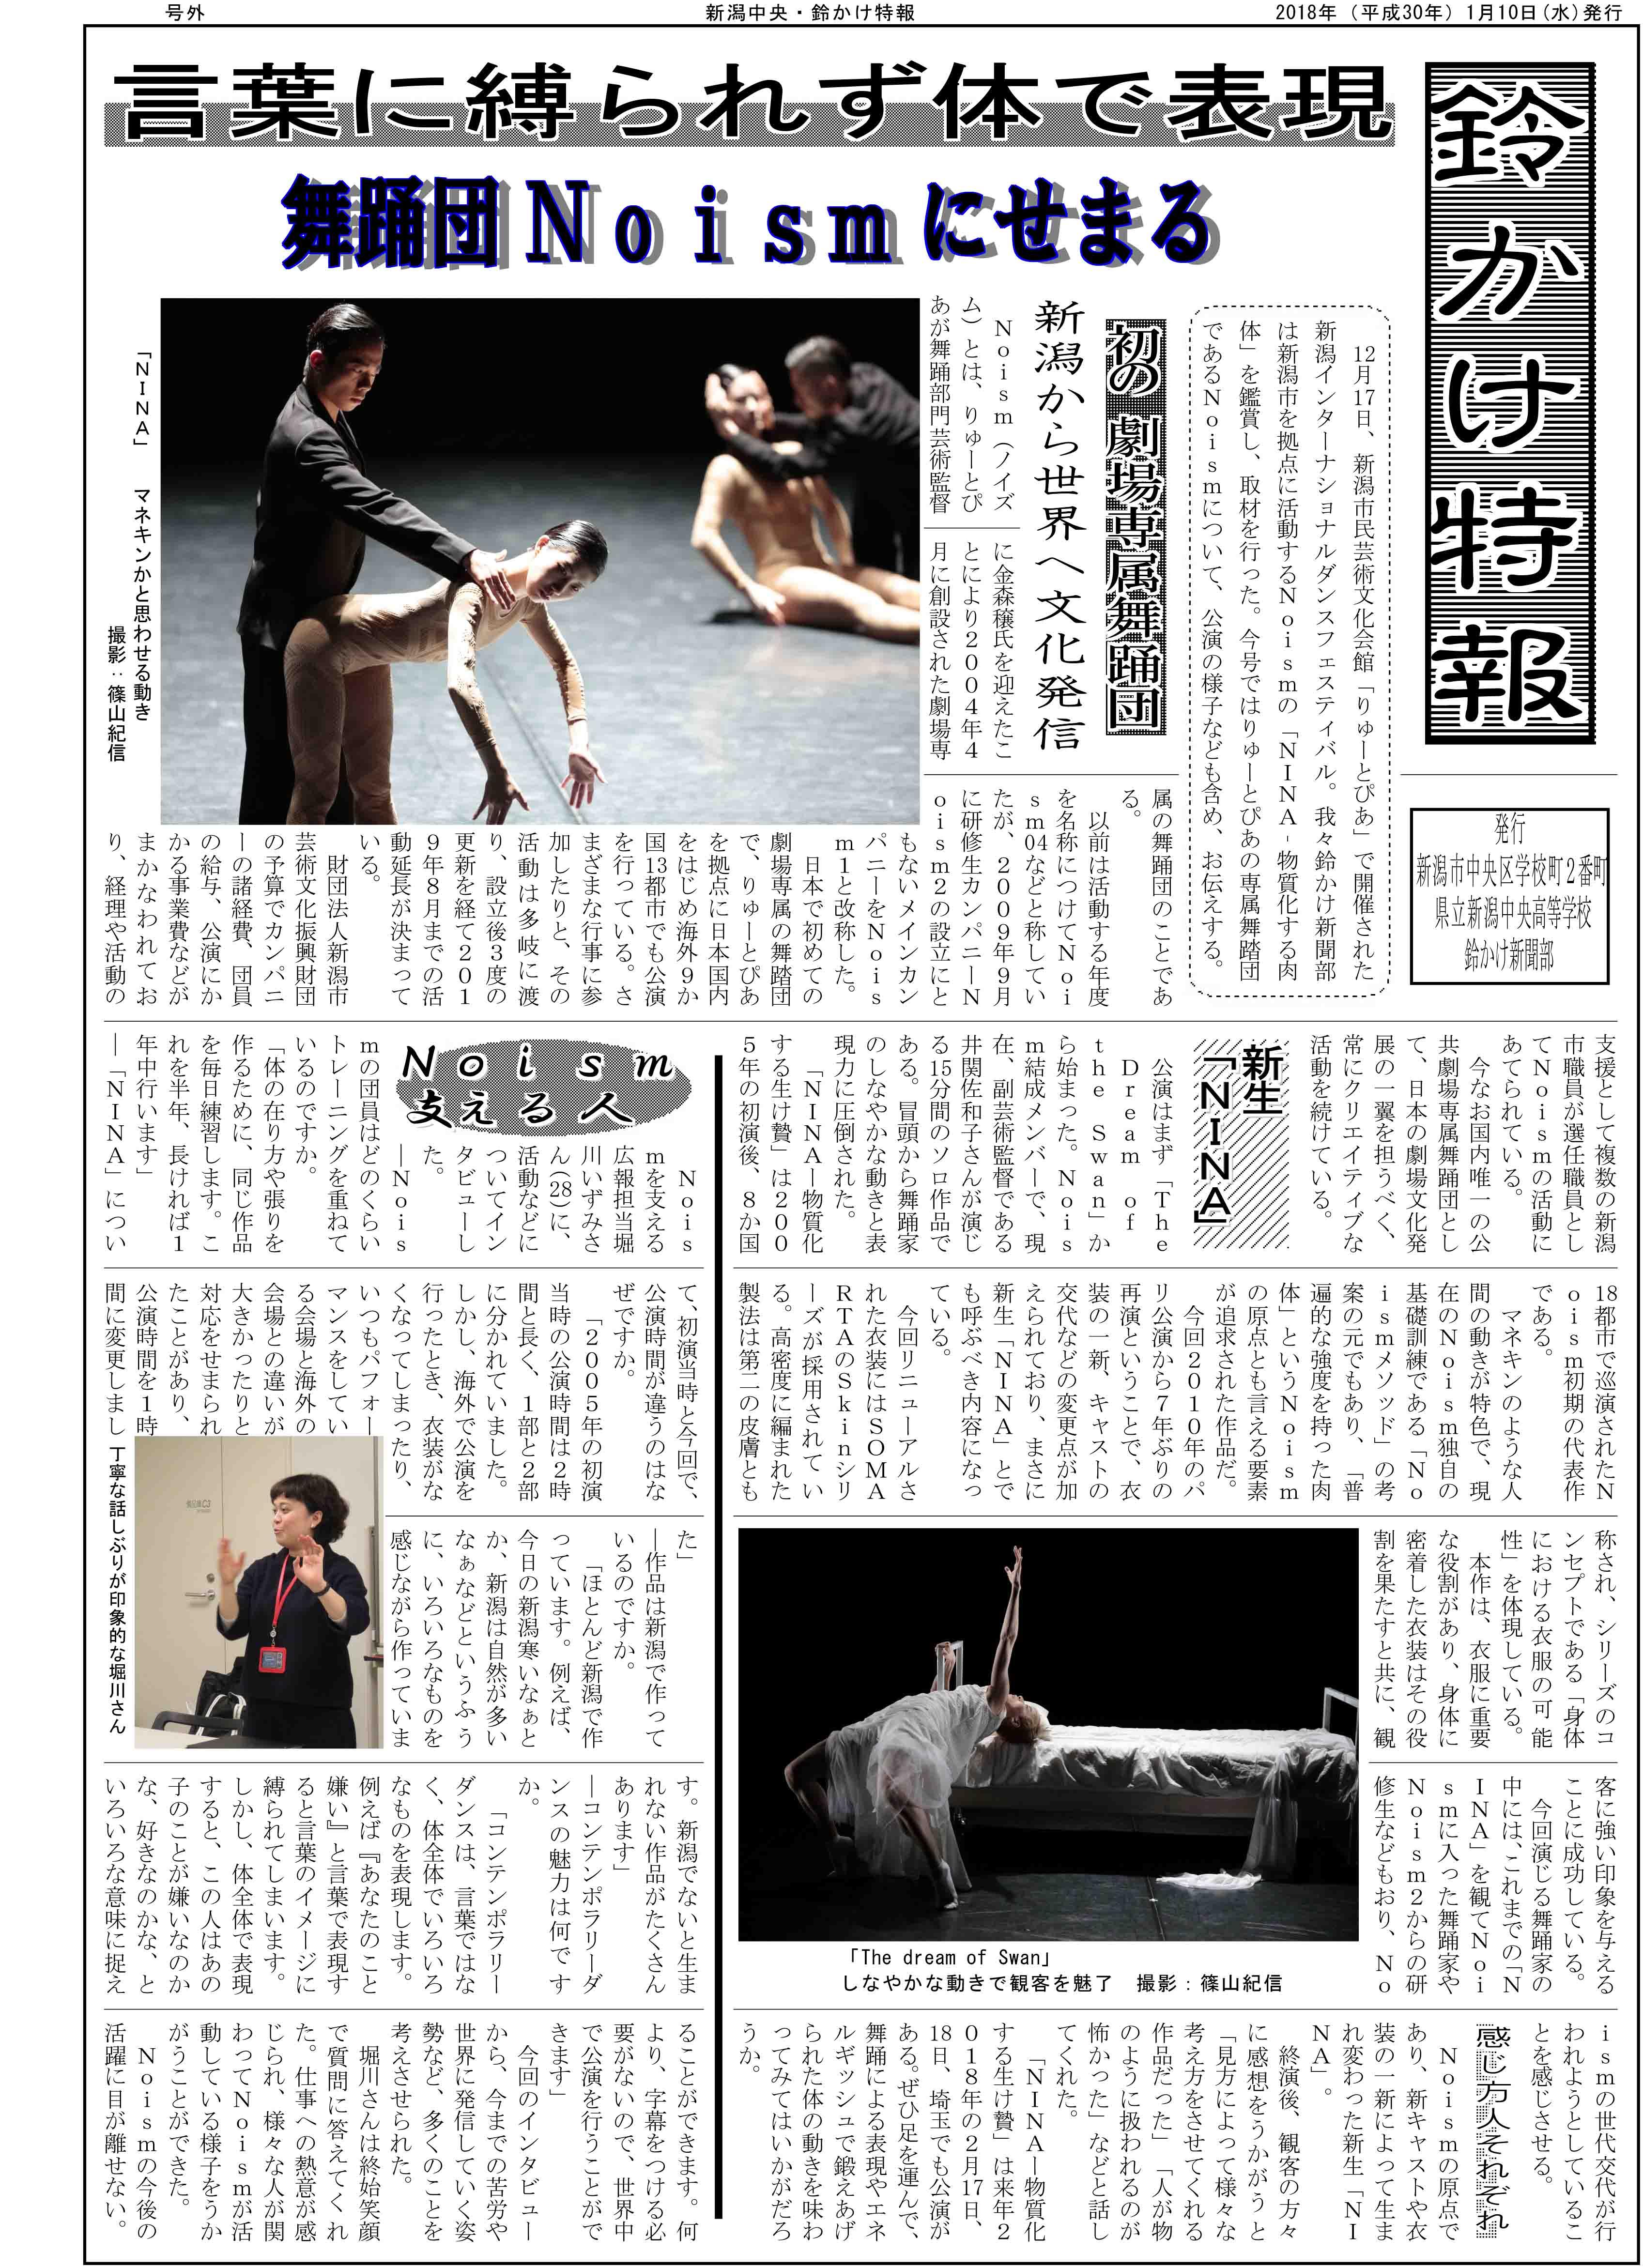 http://bunp.47news.jp/event/images/suzukake_np1801.jpg